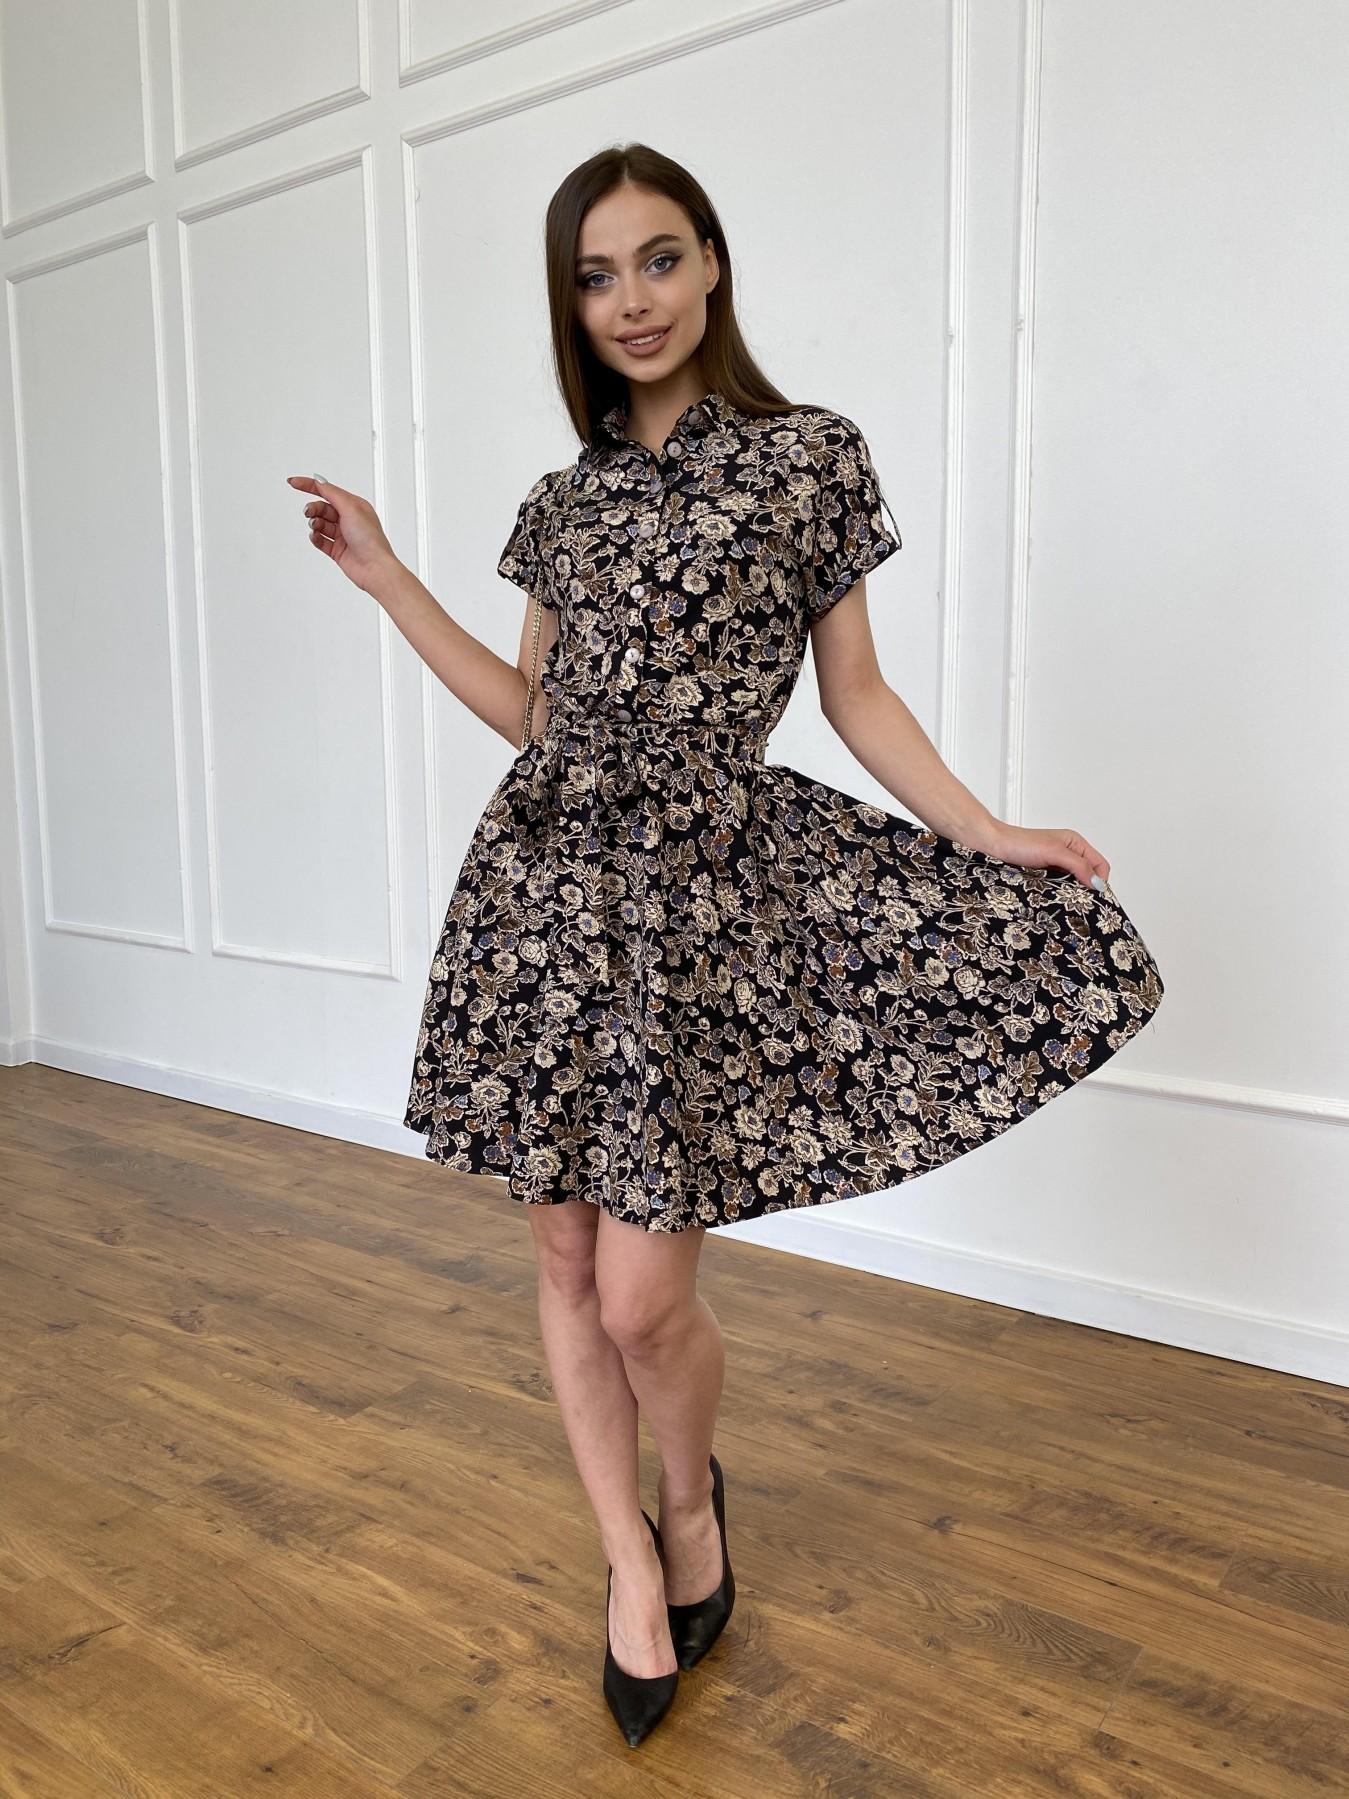 Санжар платье из ткани софт в принт 11215 АРТ. 47726 Цвет: Черный/т. беж, Цветы - фото 6, интернет магазин tm-modus.ru